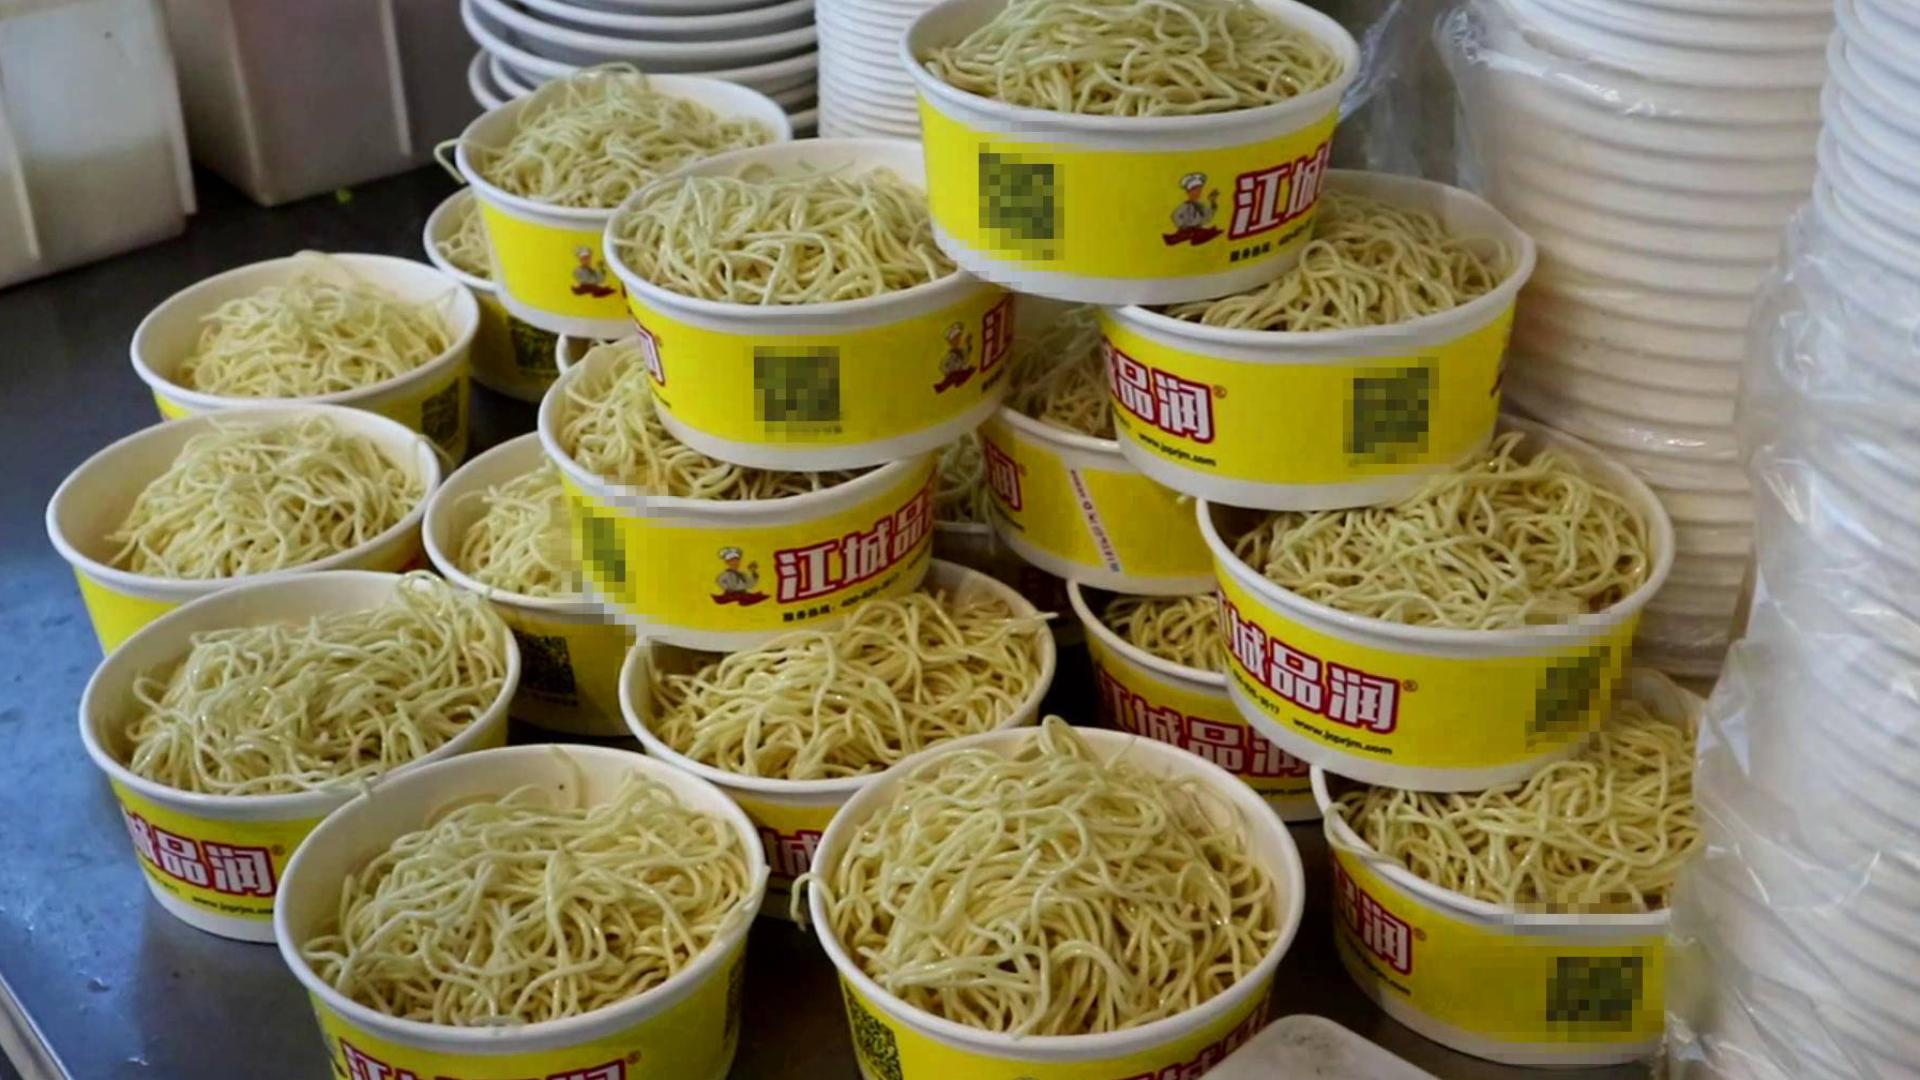 武汉火爆小吃店,面碗堆成山来卖!热干面5元一大碗,好吃又管饱